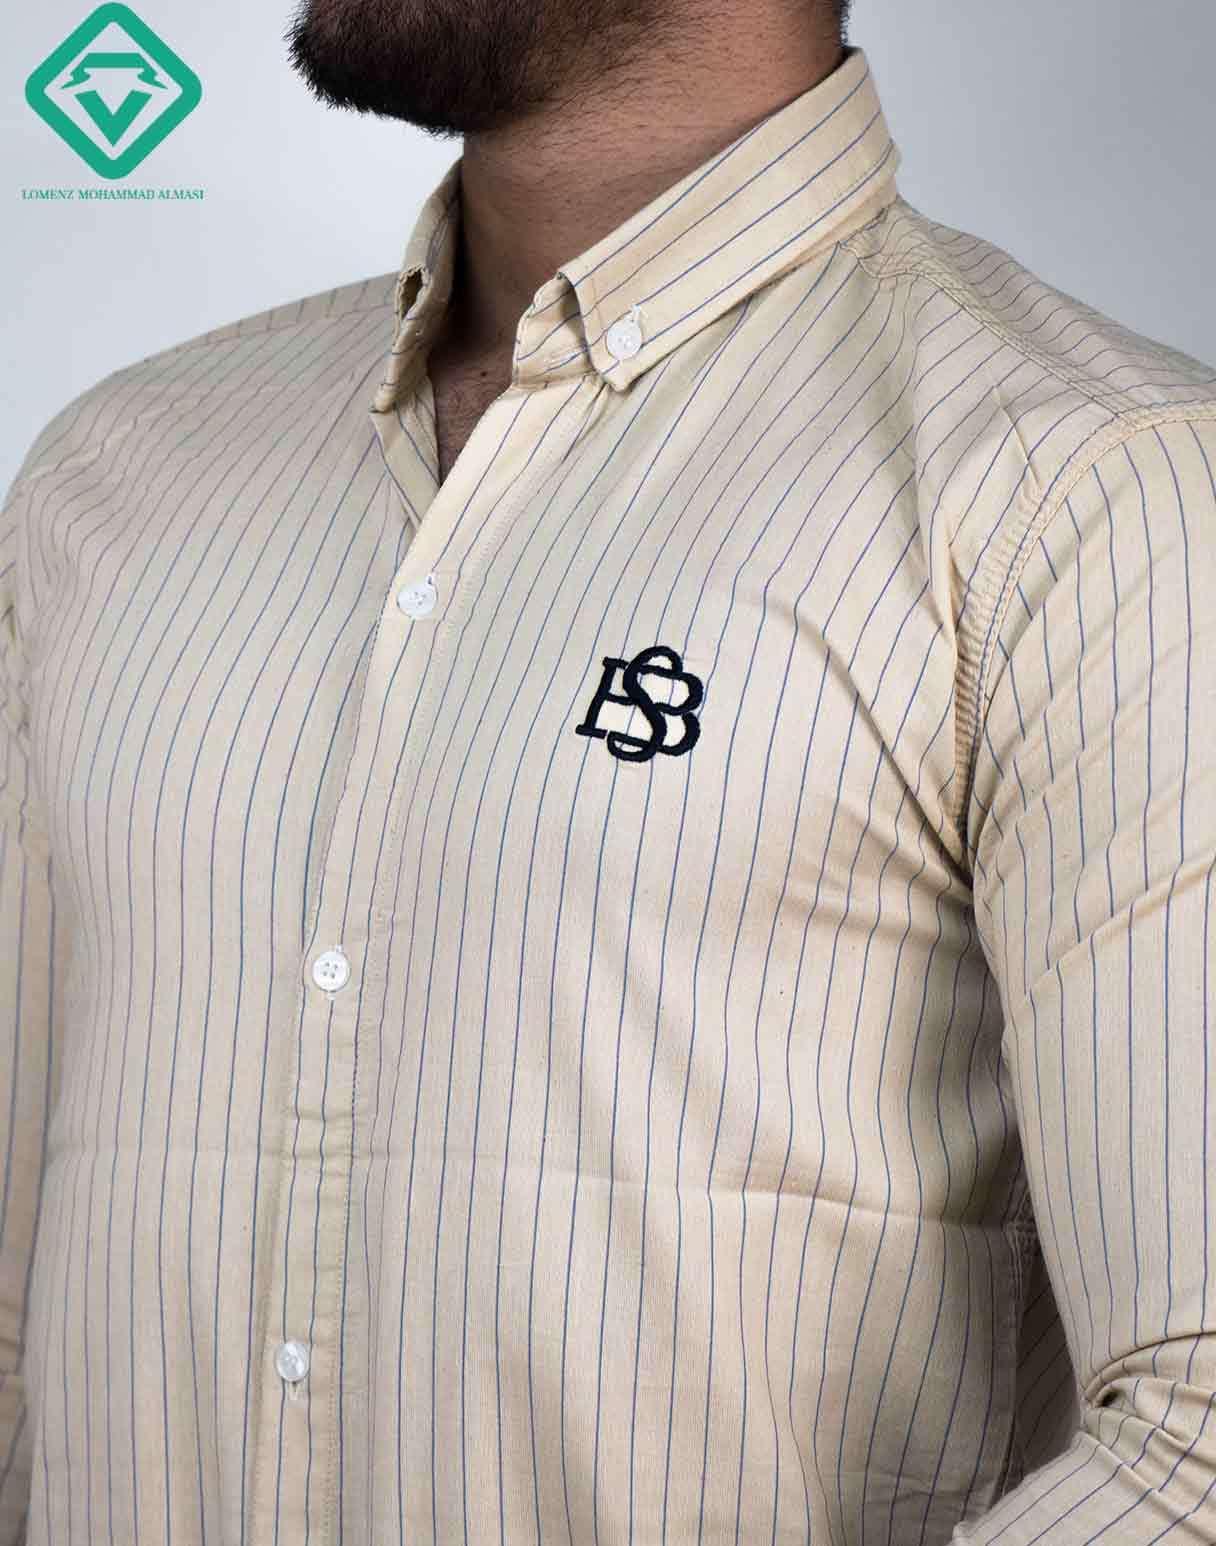 پیراهن آستین بلند اسپرت راه راه رنگ کرم | فروشگاه لومنز